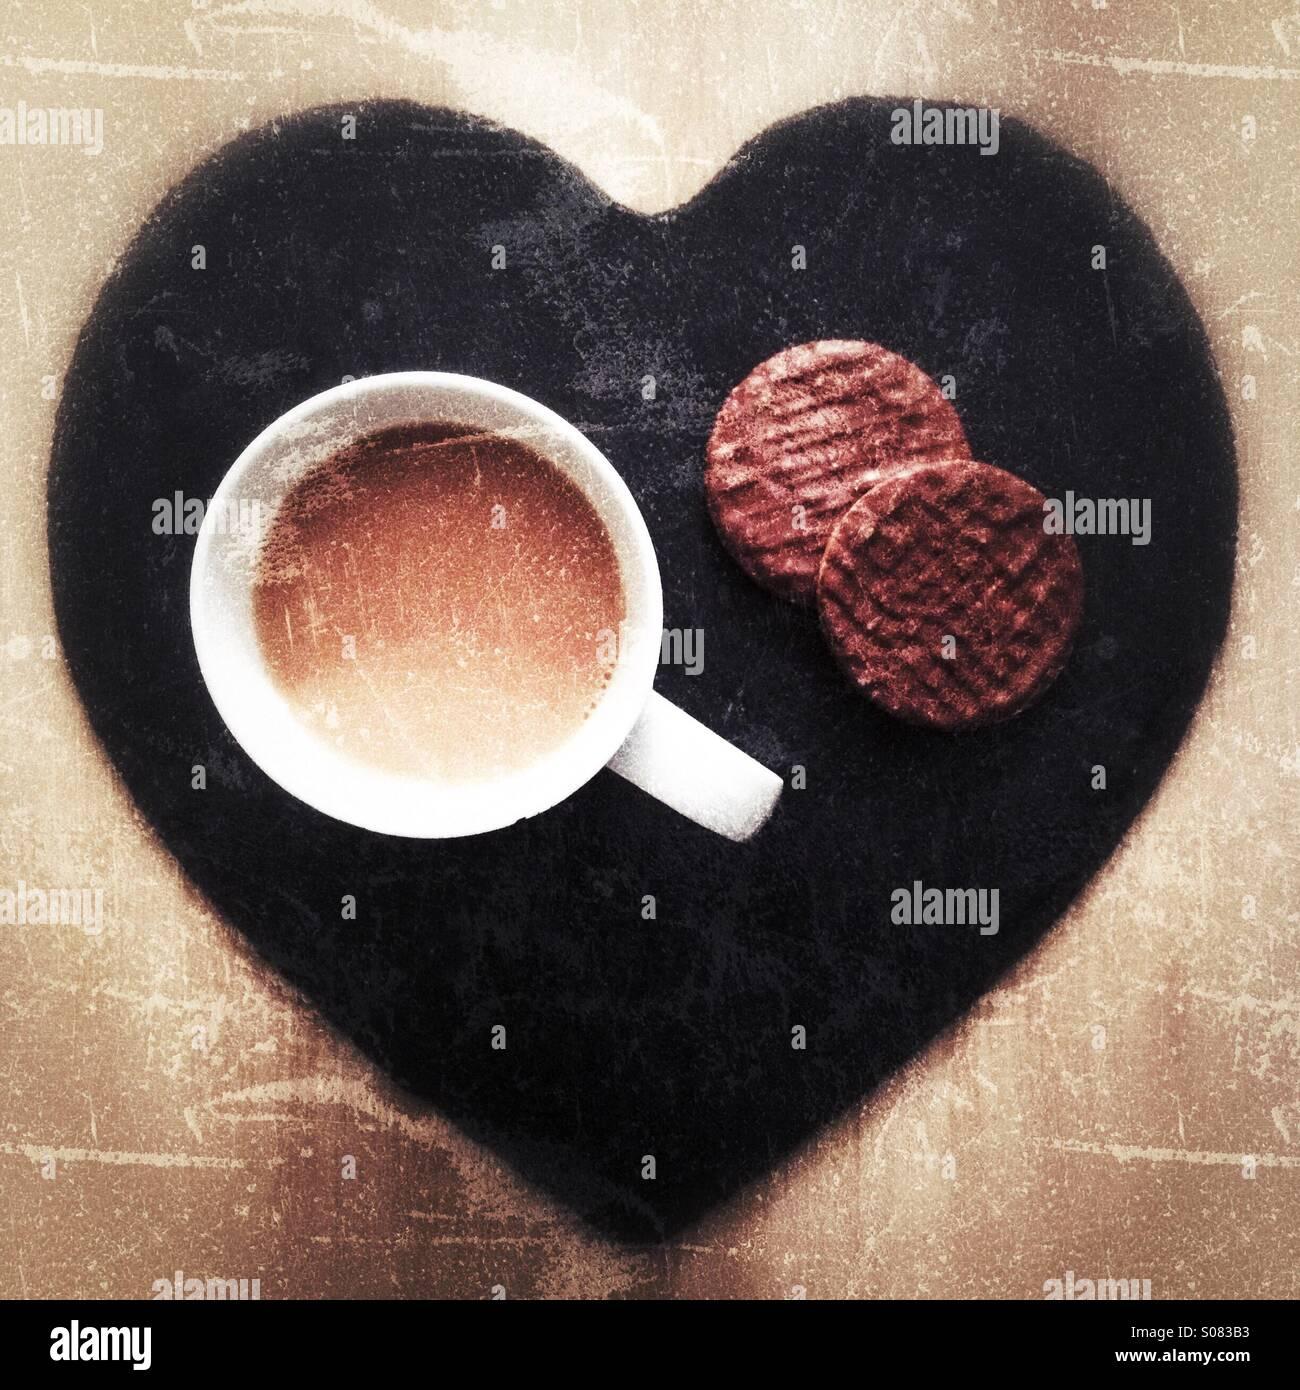 Una tazza di tè con due biscotti al cioccolato seduto su un amore di ardesia di cuore. Immagini Stock